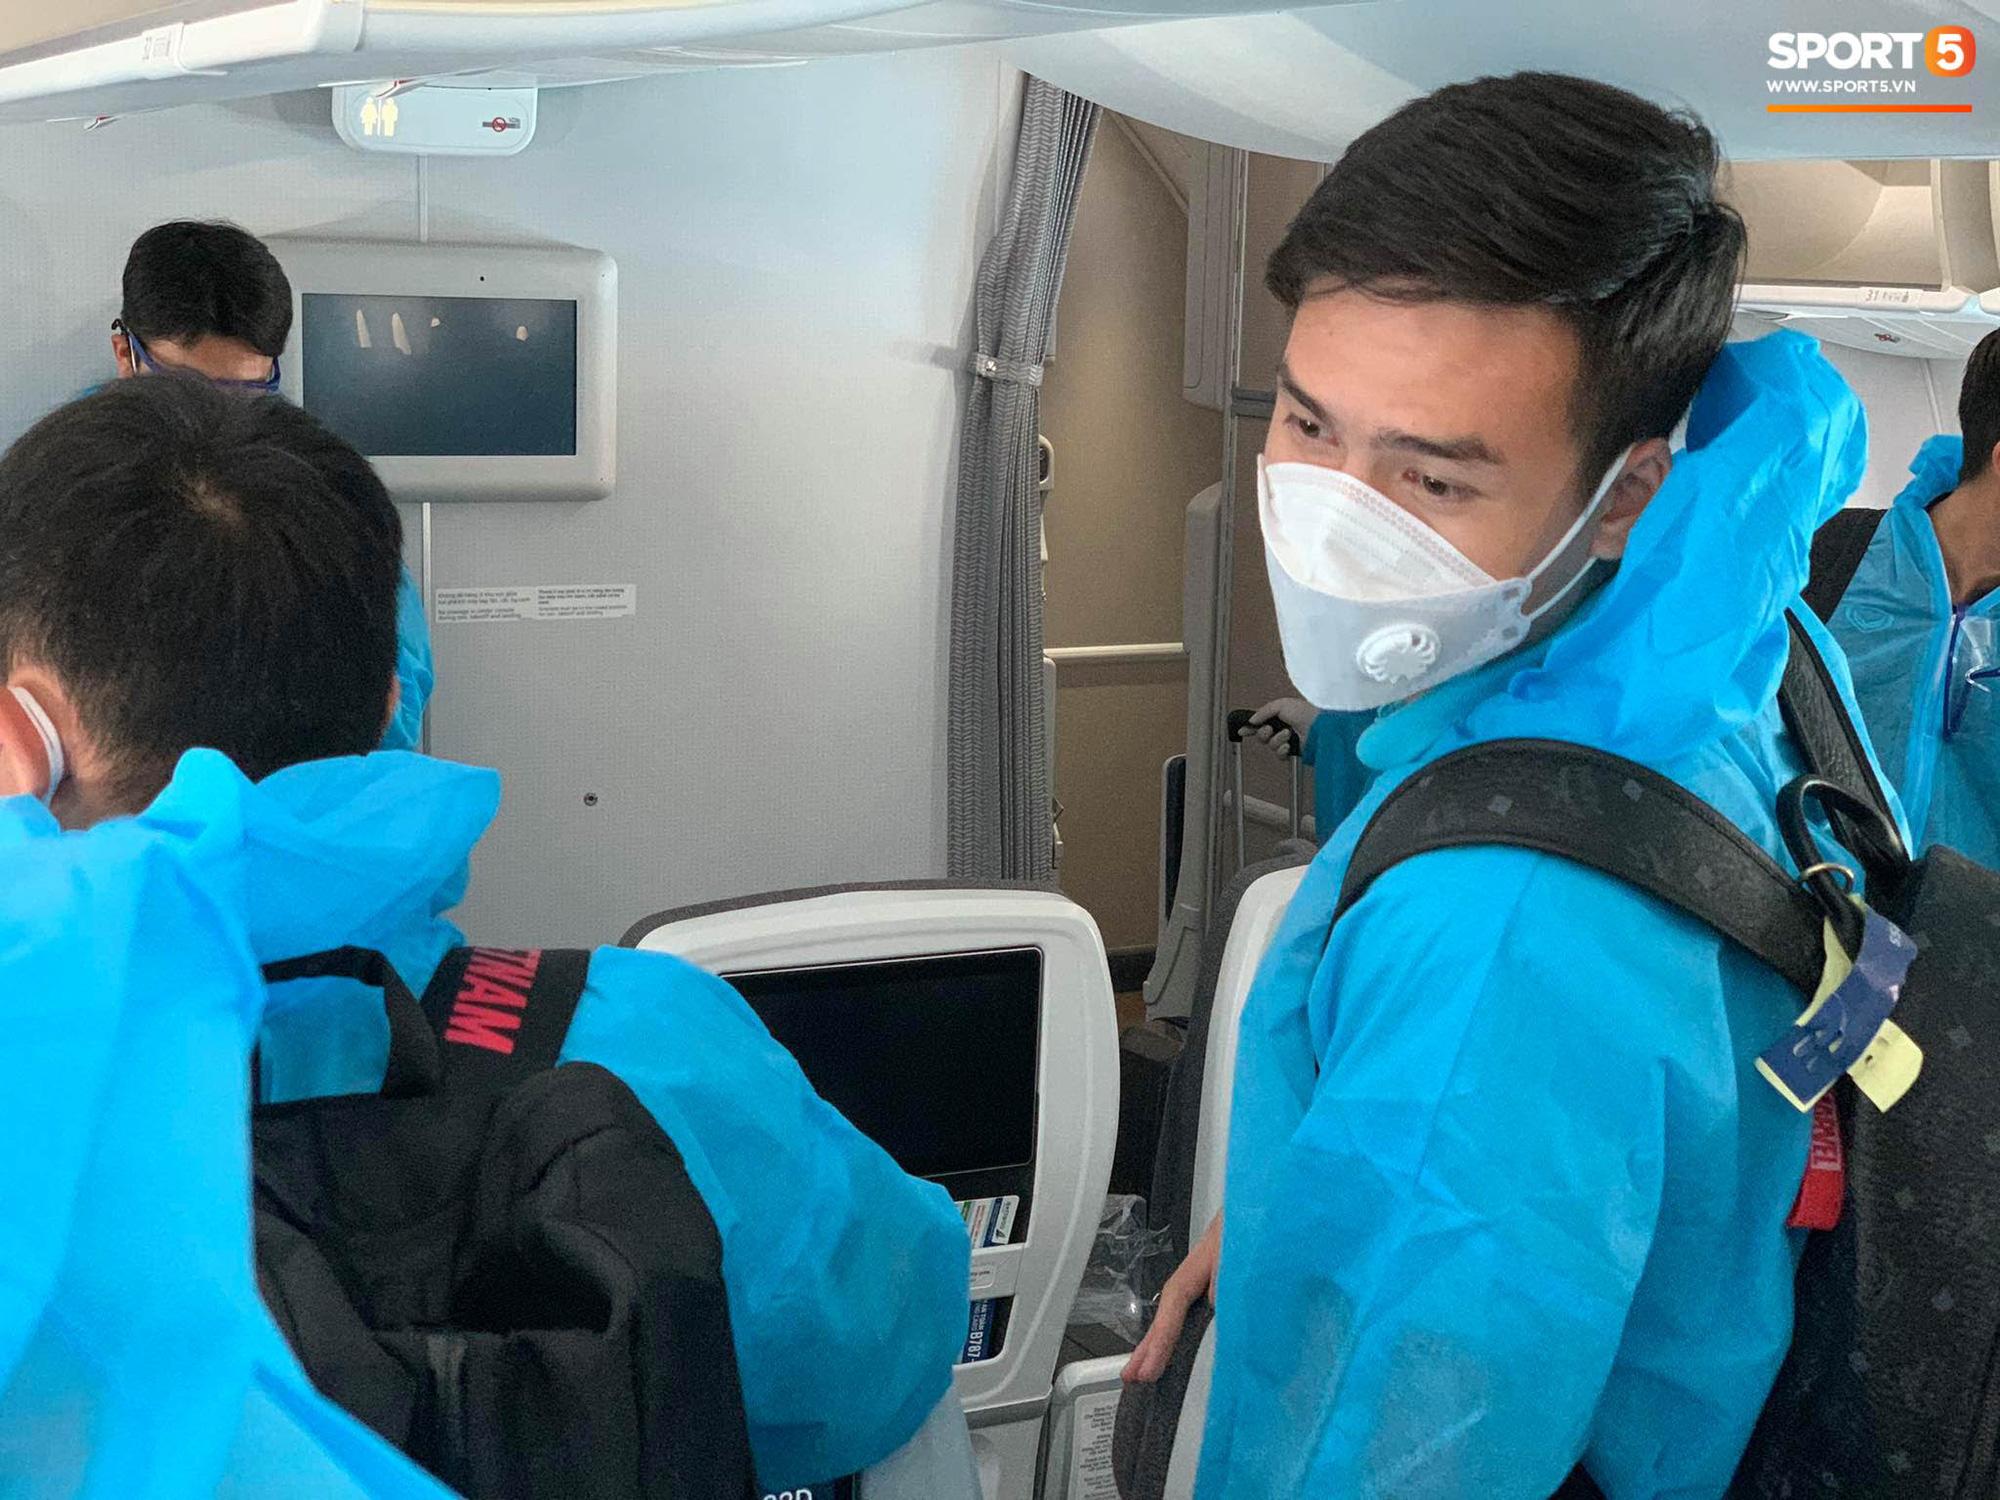 Hậu vệ tuyển Việt Nam ngẩn ngơ vì bị thất lạc điện thoại từ UAE - Ảnh 1.